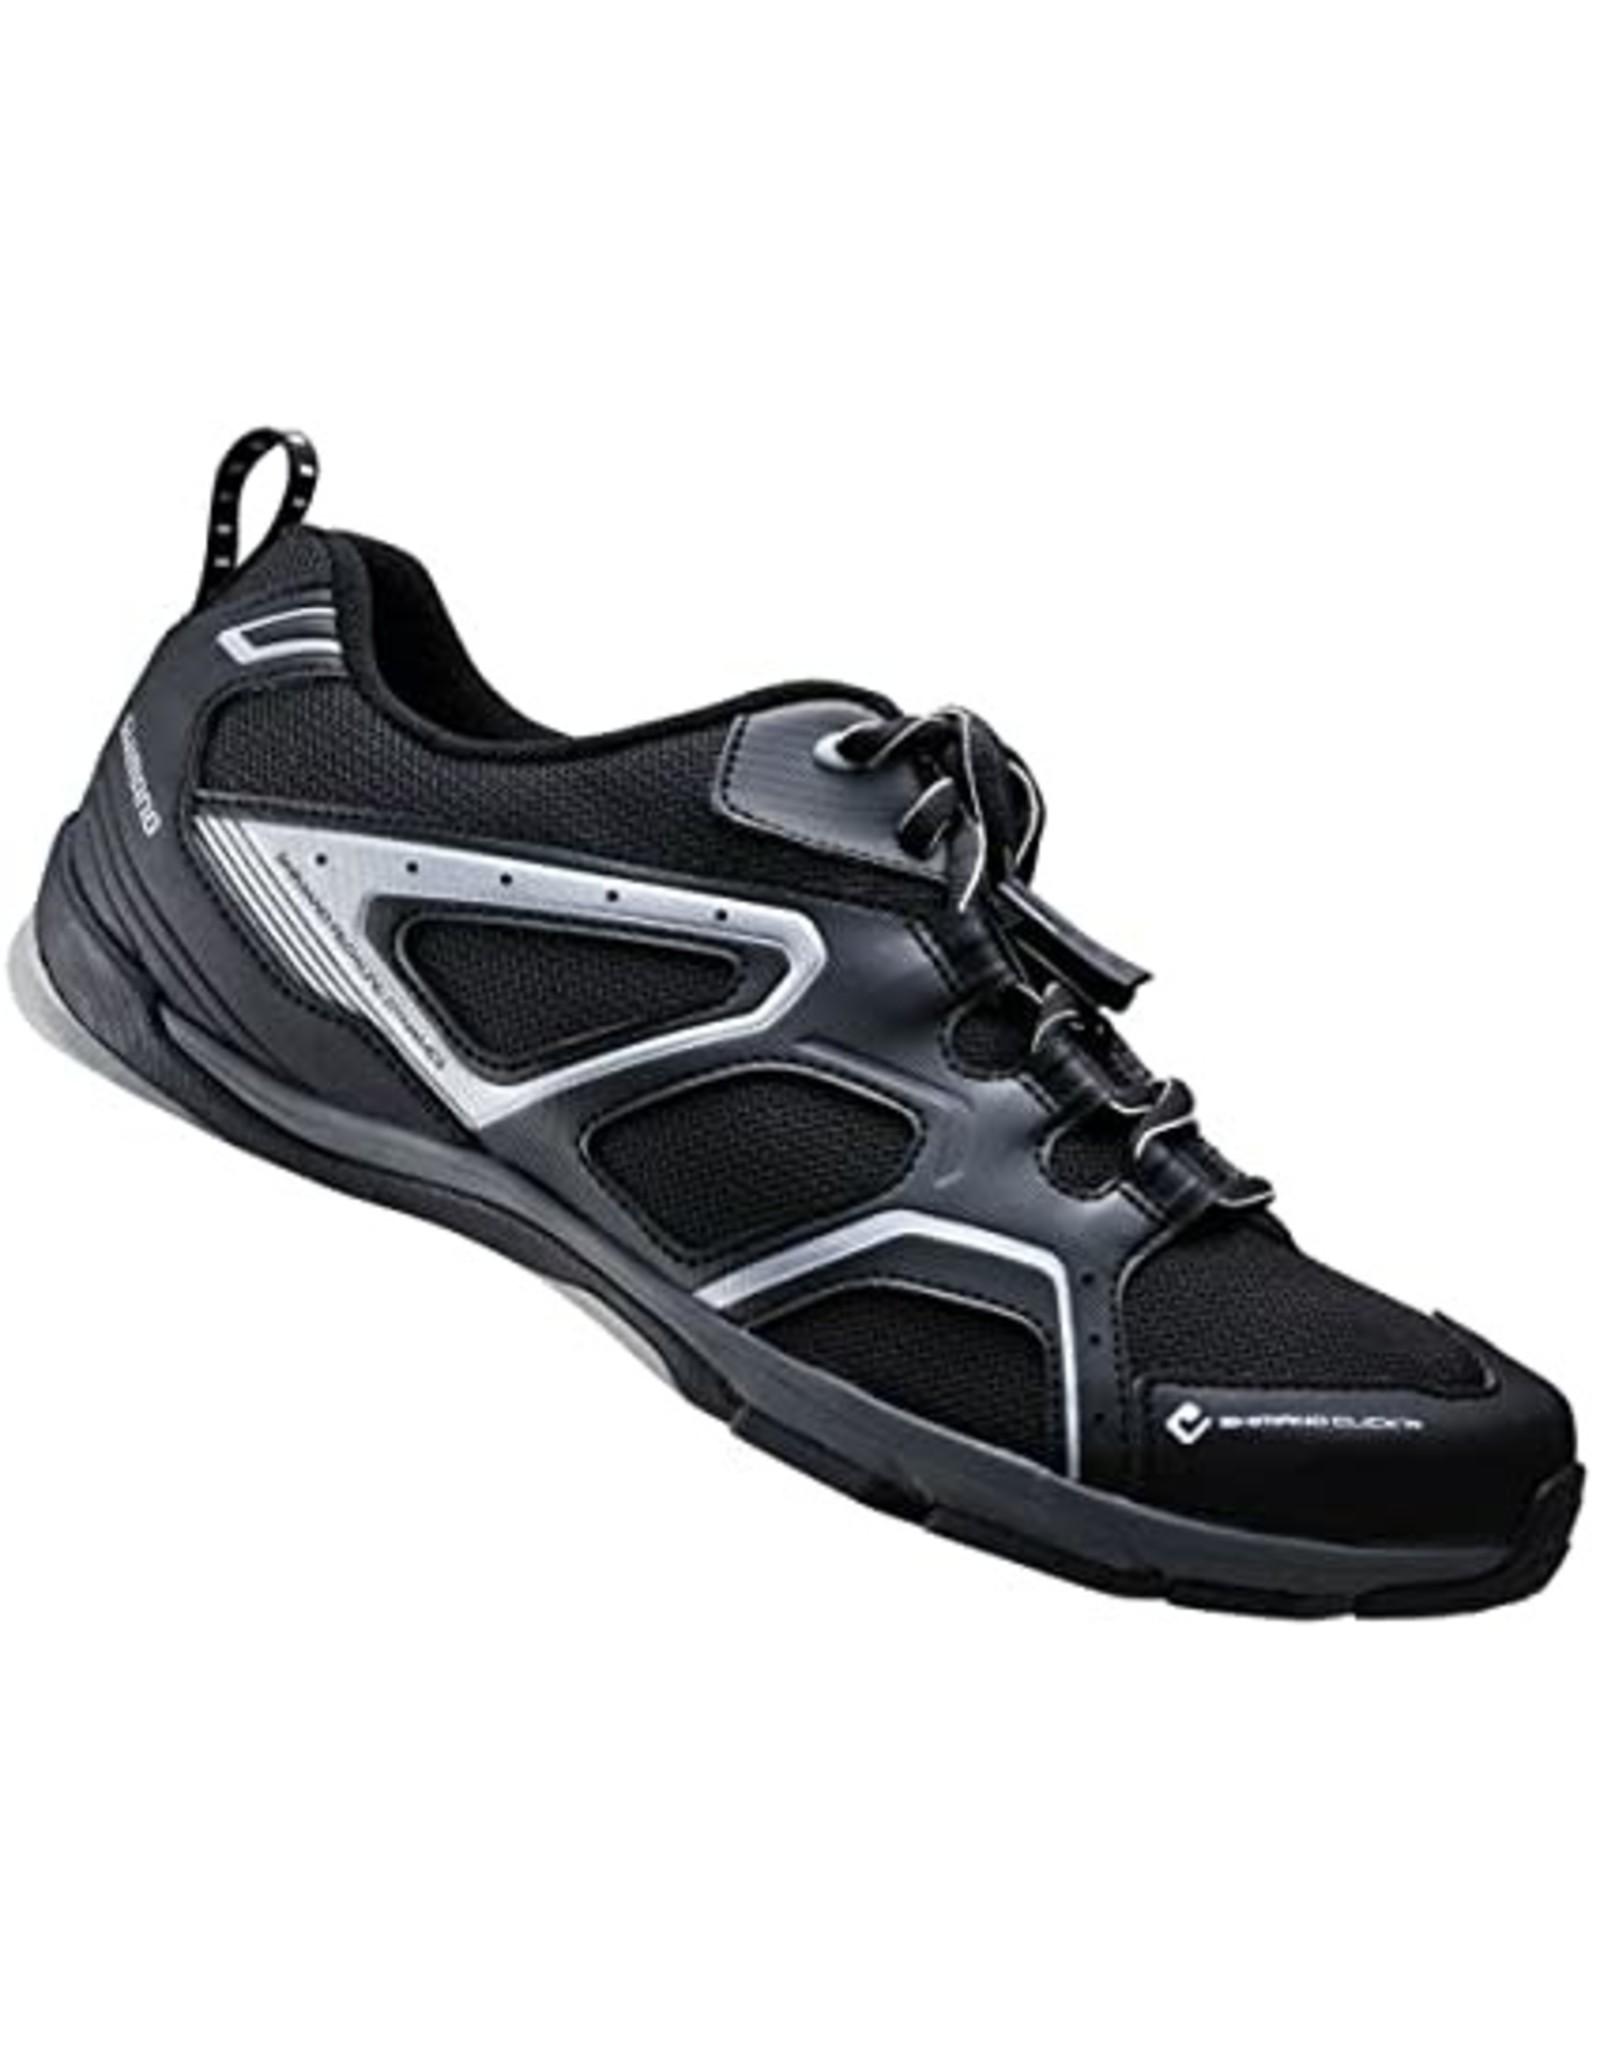 SHIMANO Men's SH-CT40L Shoe 43 (Reg price $149.99)